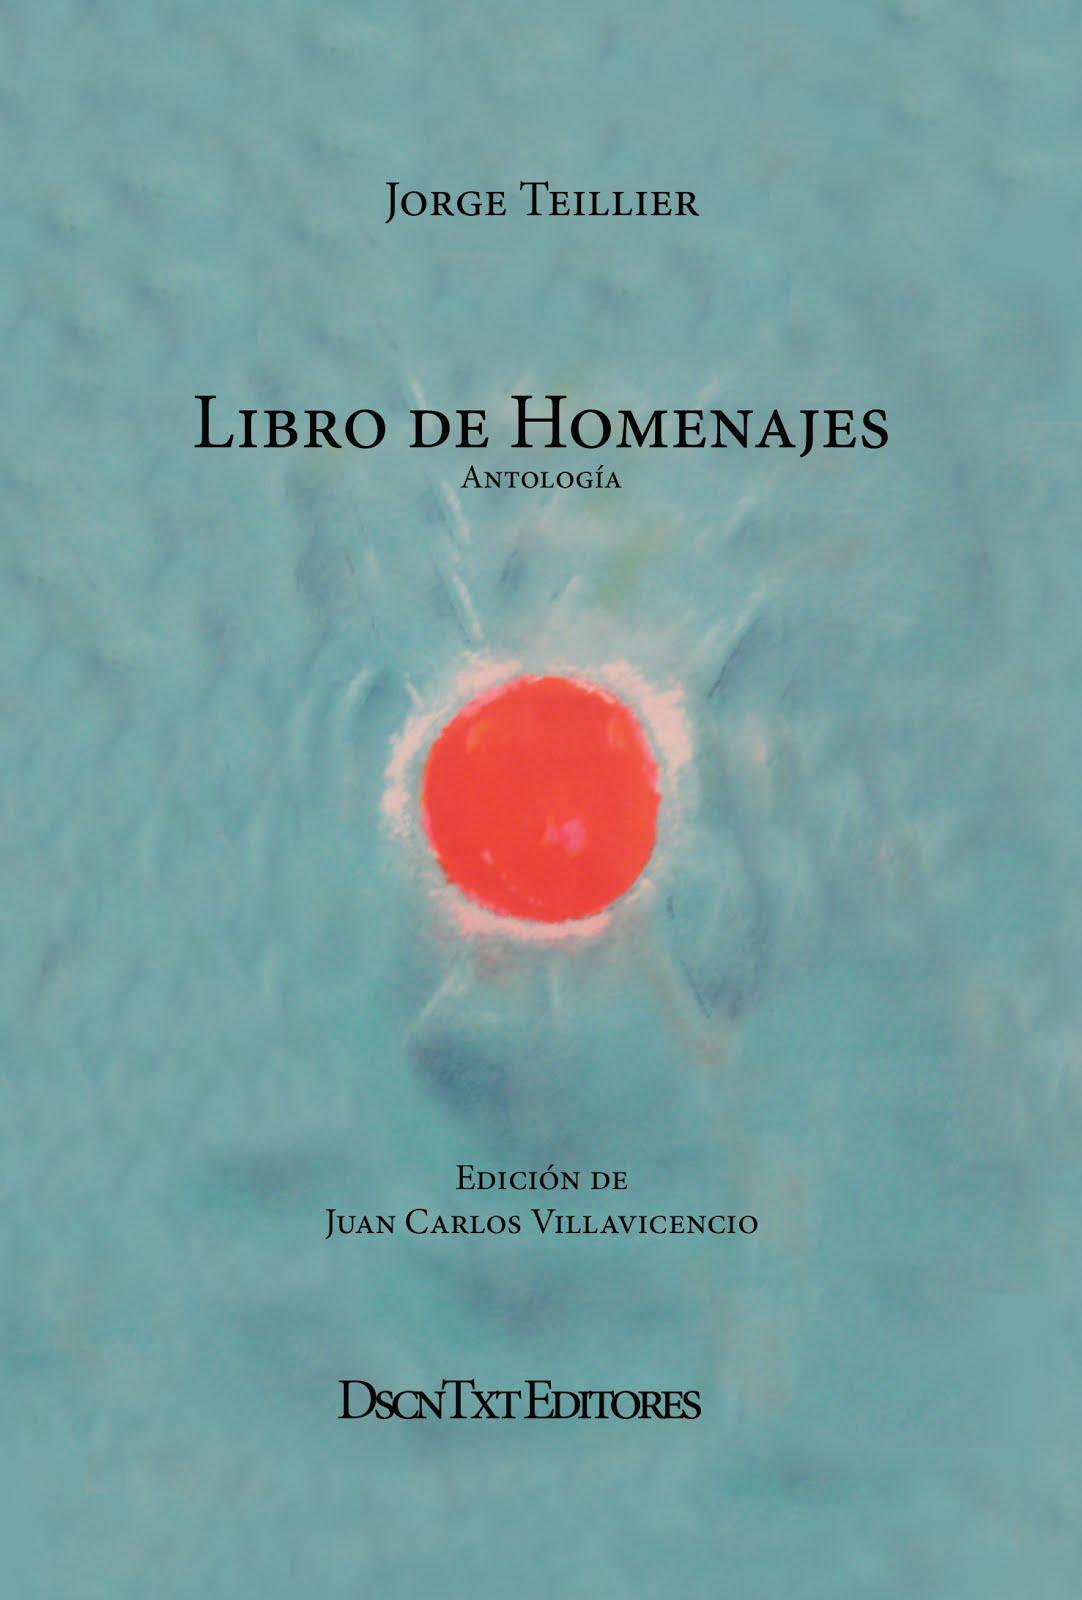 Libro de homenajes, de Jorge Teillier. Edición de Juan Carlos Villavicencio